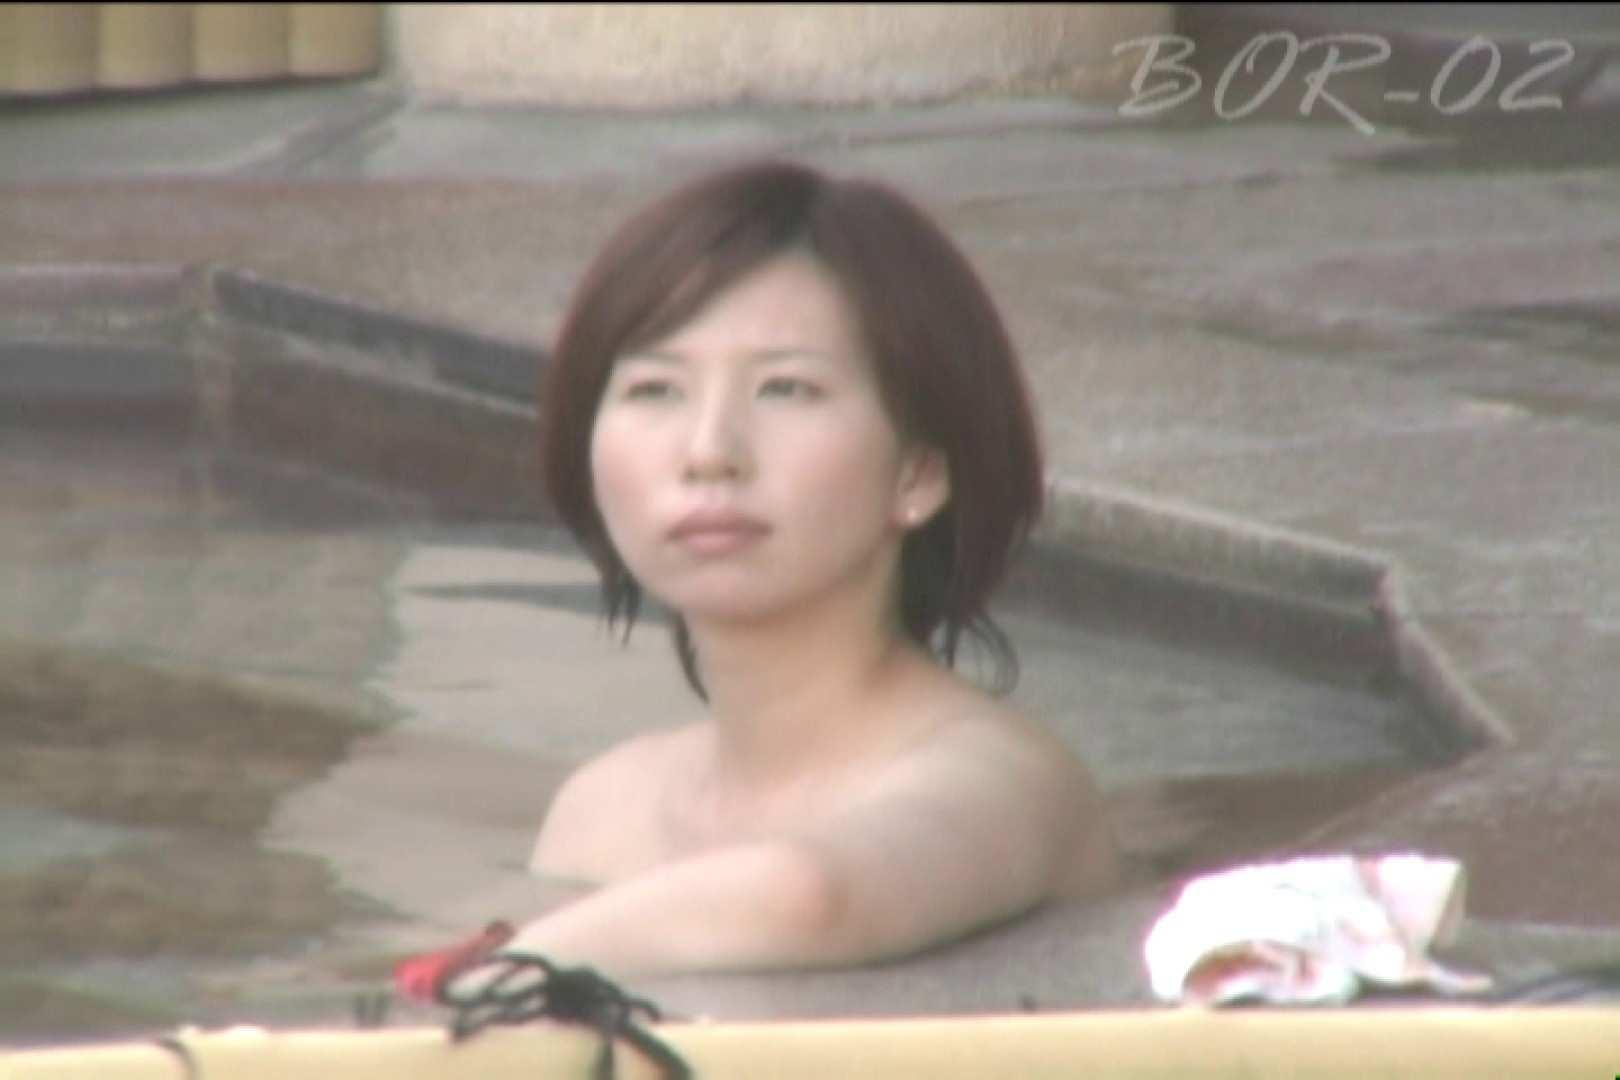 Aquaな露天風呂Vol.476 盗撮 | 露天風呂  82連発 4